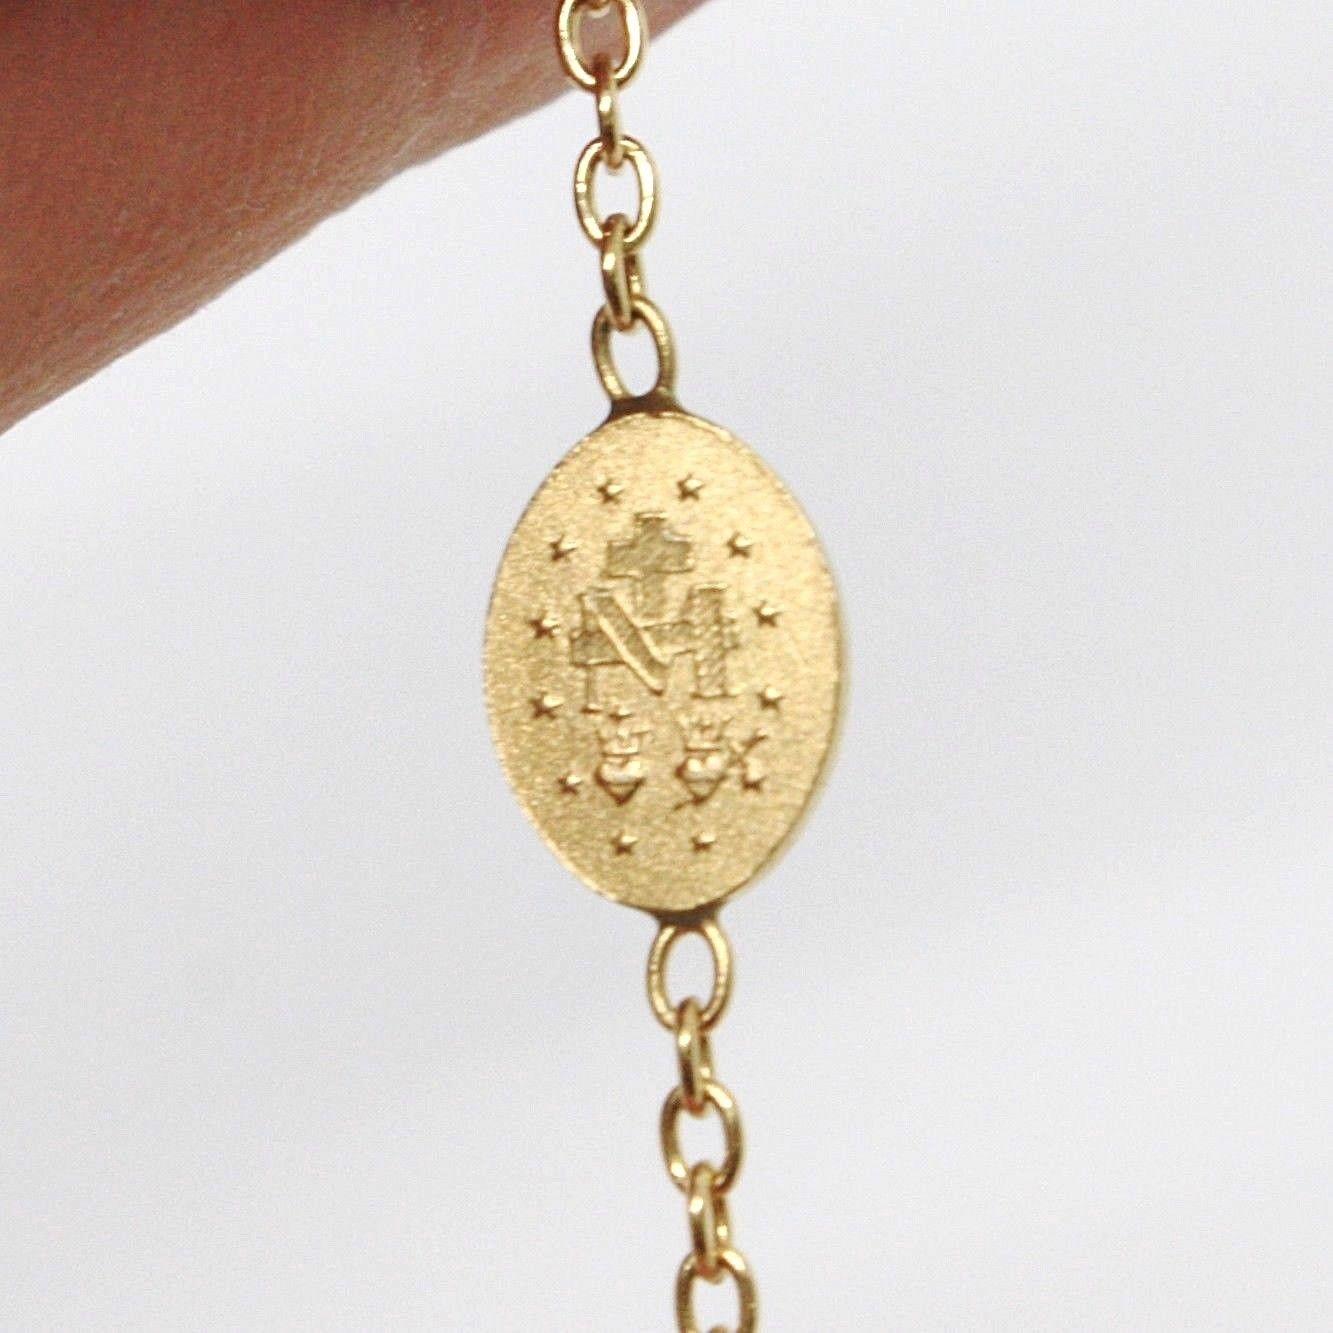 Pulsera Oro Amarillo 18K 750 , Rosario, Esferas 2.5 mm, Cruz, Medalla Milagrosa image 5